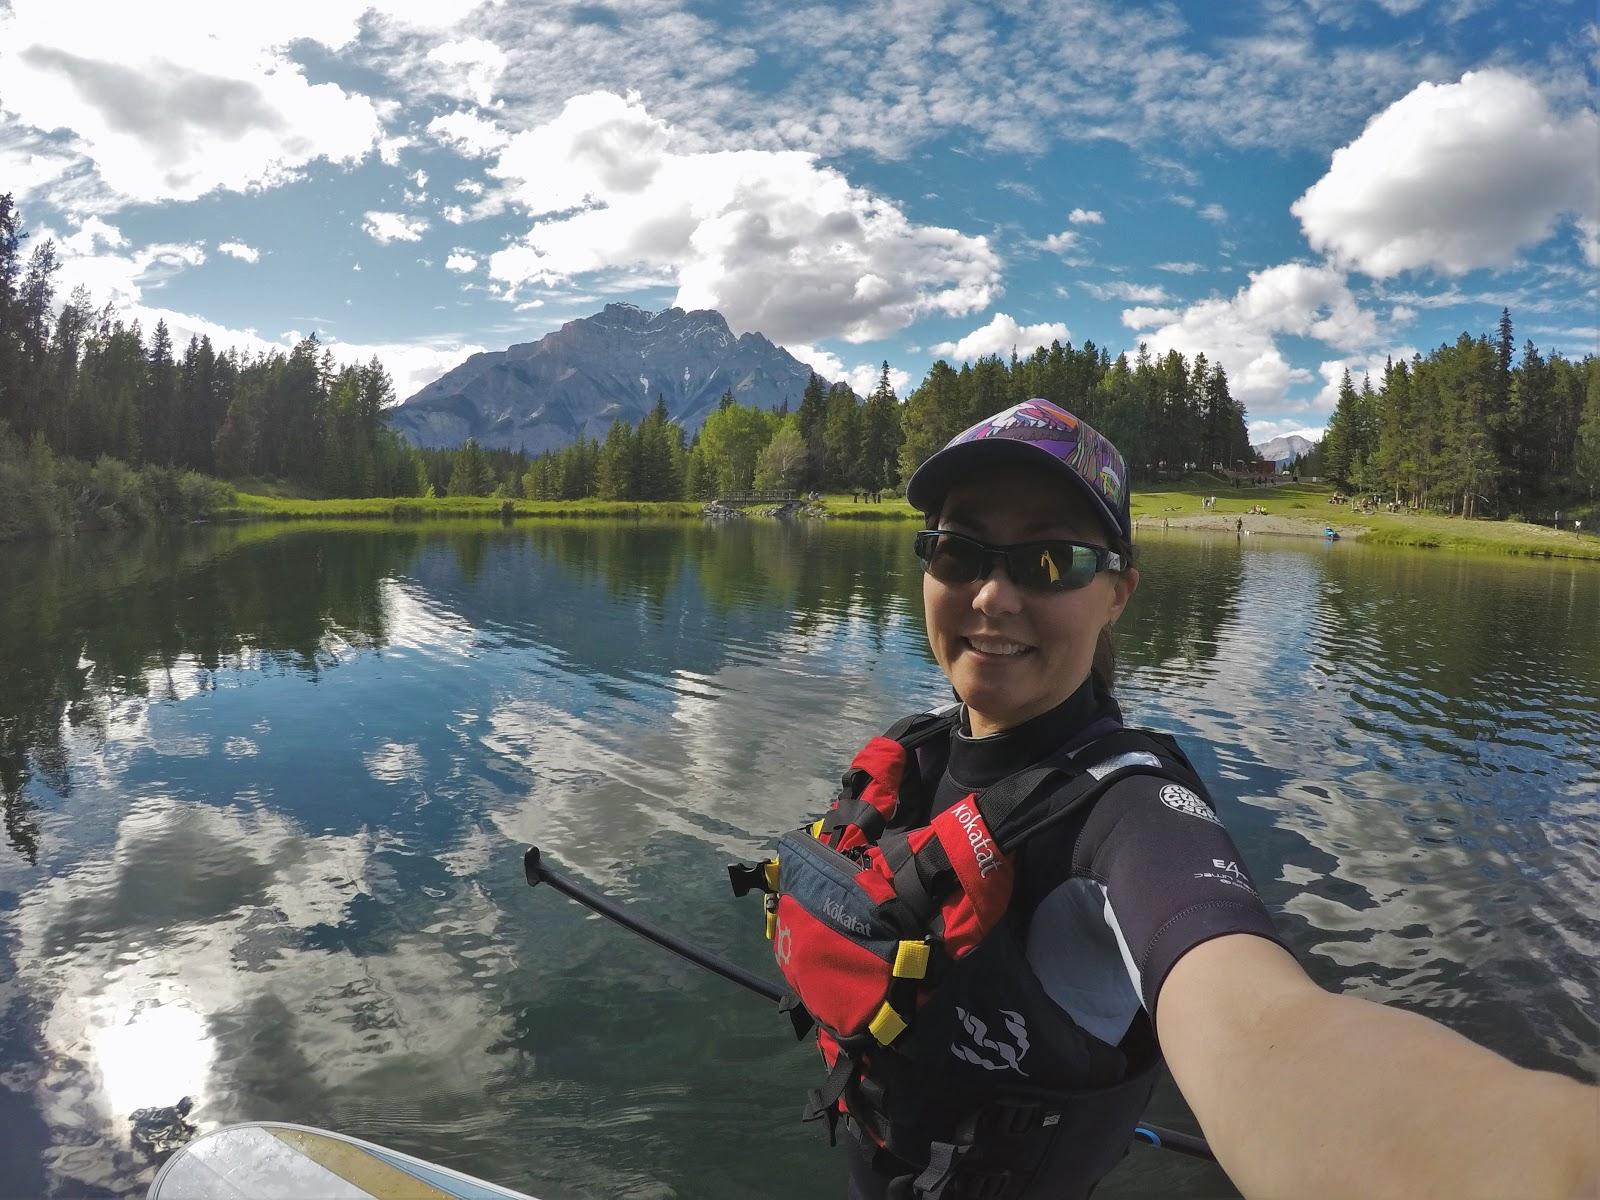 Stand-up paddleboarding at Johnson Lake, Banff